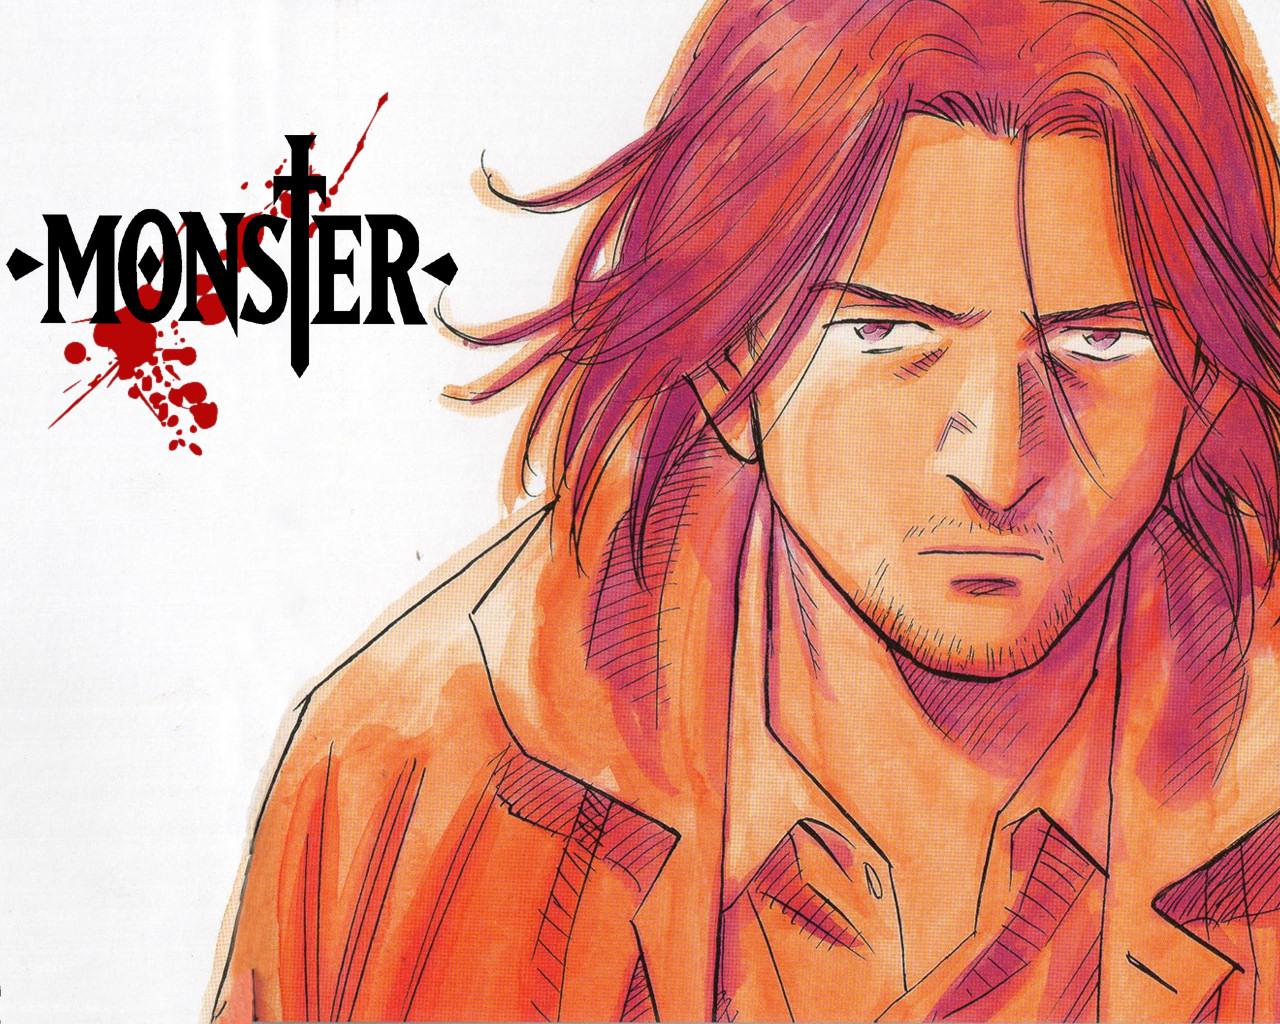 New to Manga: Trying Monster by Naoki Urasawa